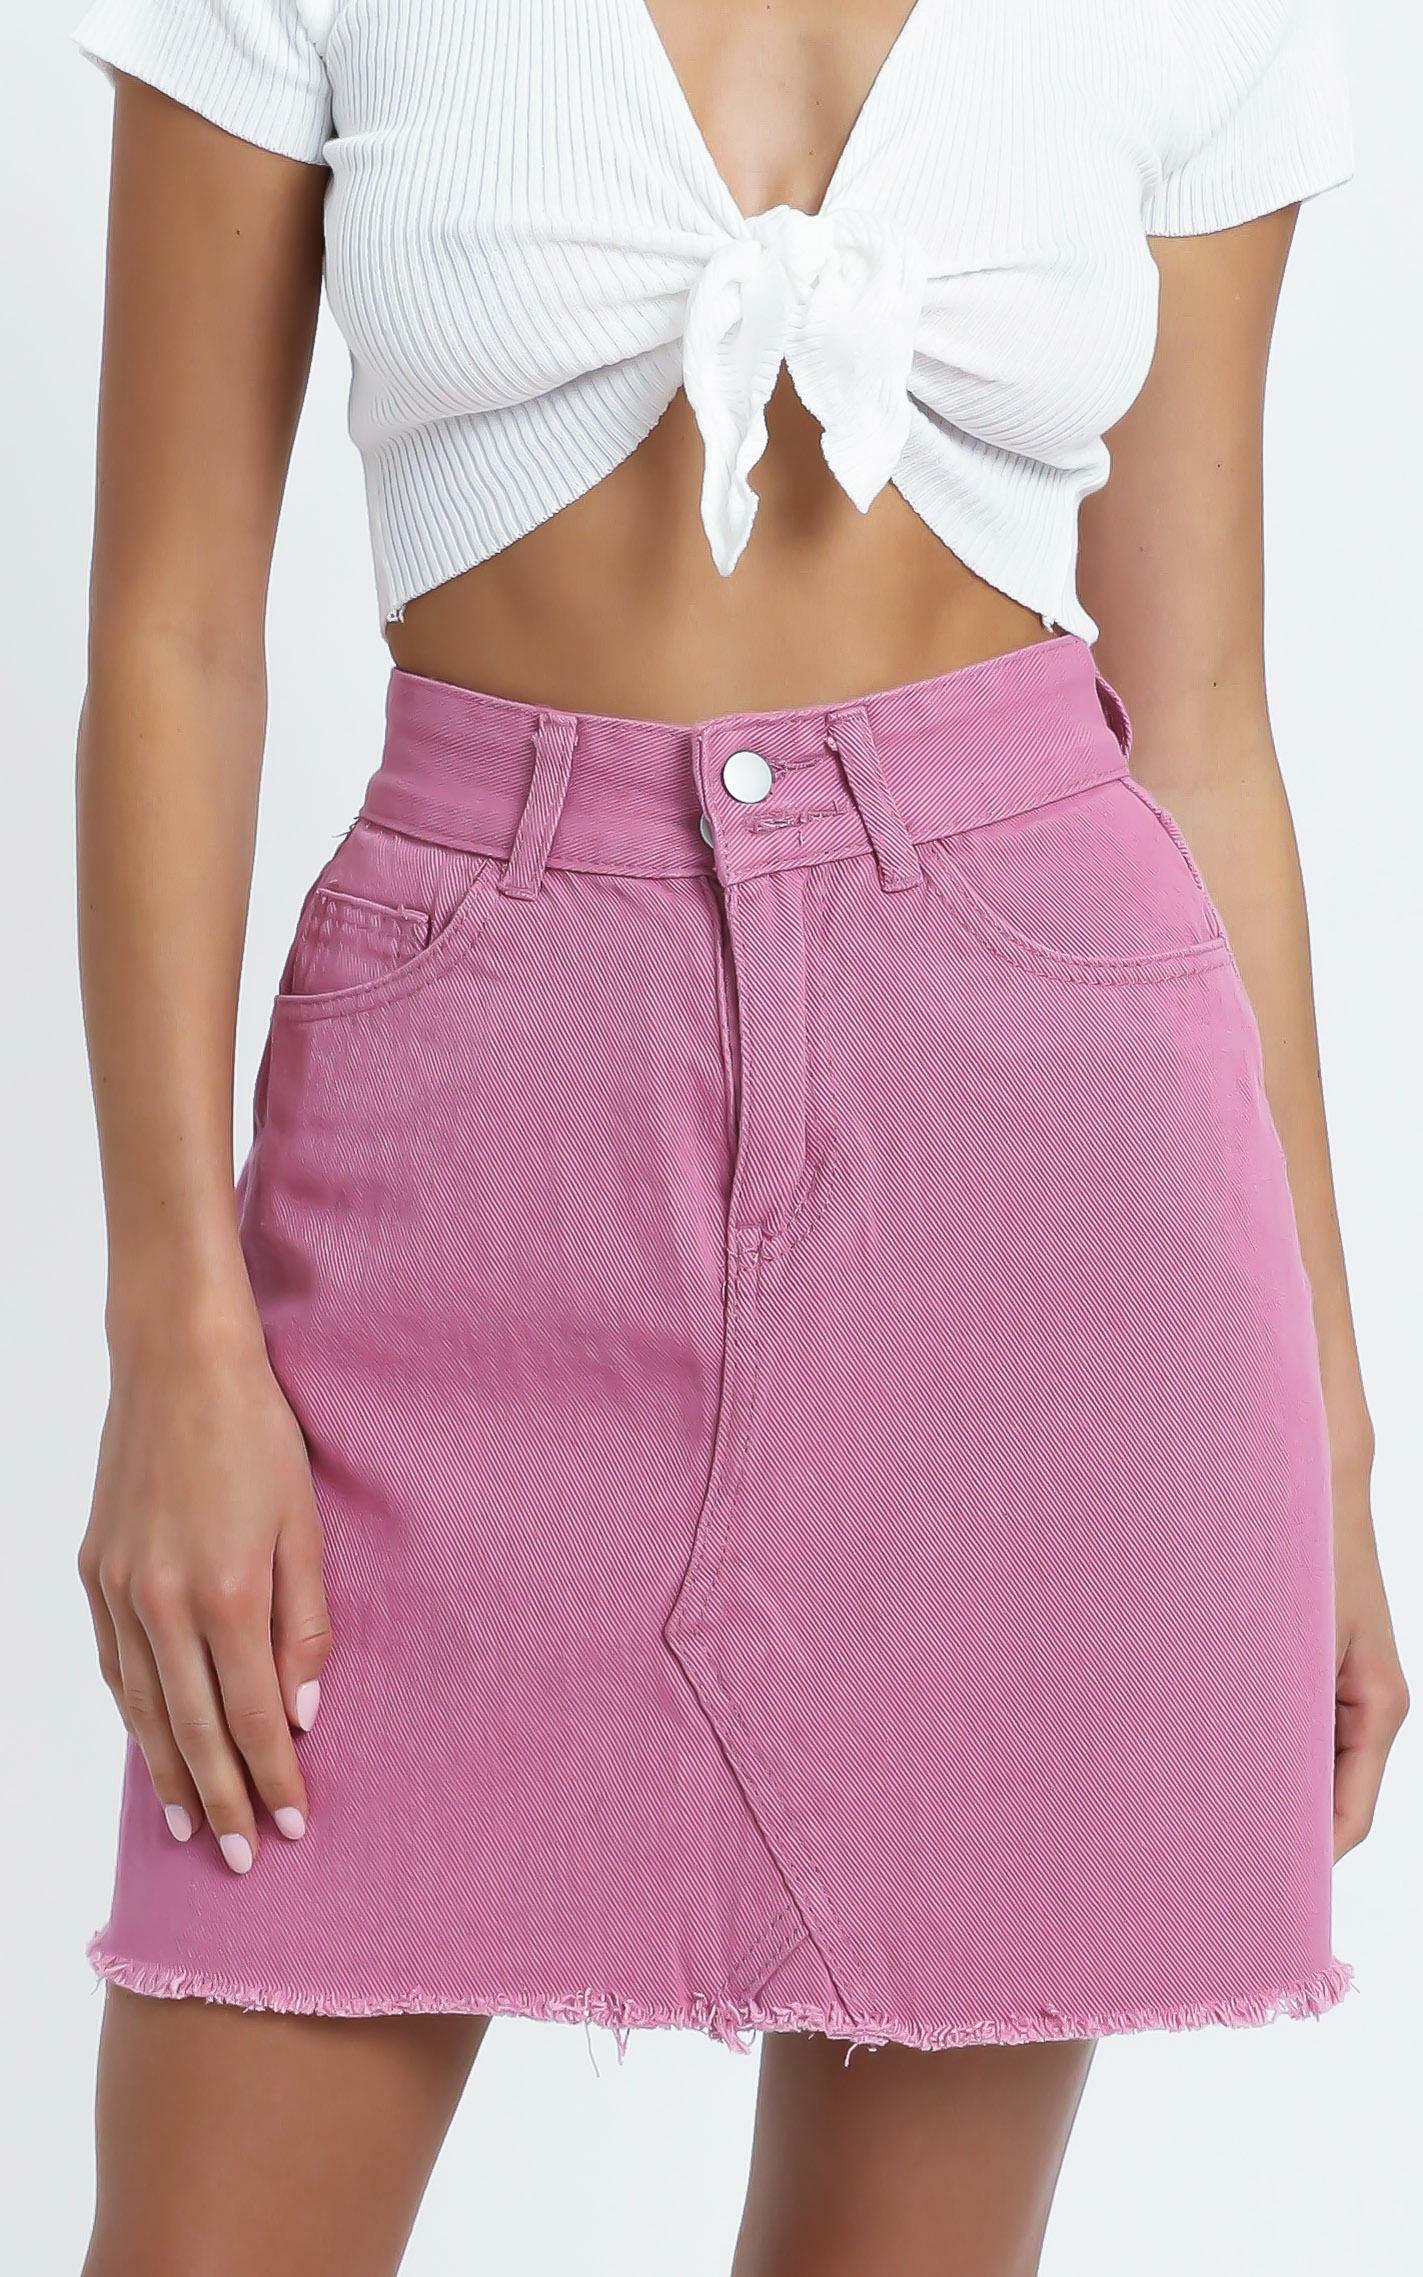 Hilary Denim Skirt in Rose - 12 (L), Pink, hi-res image number null